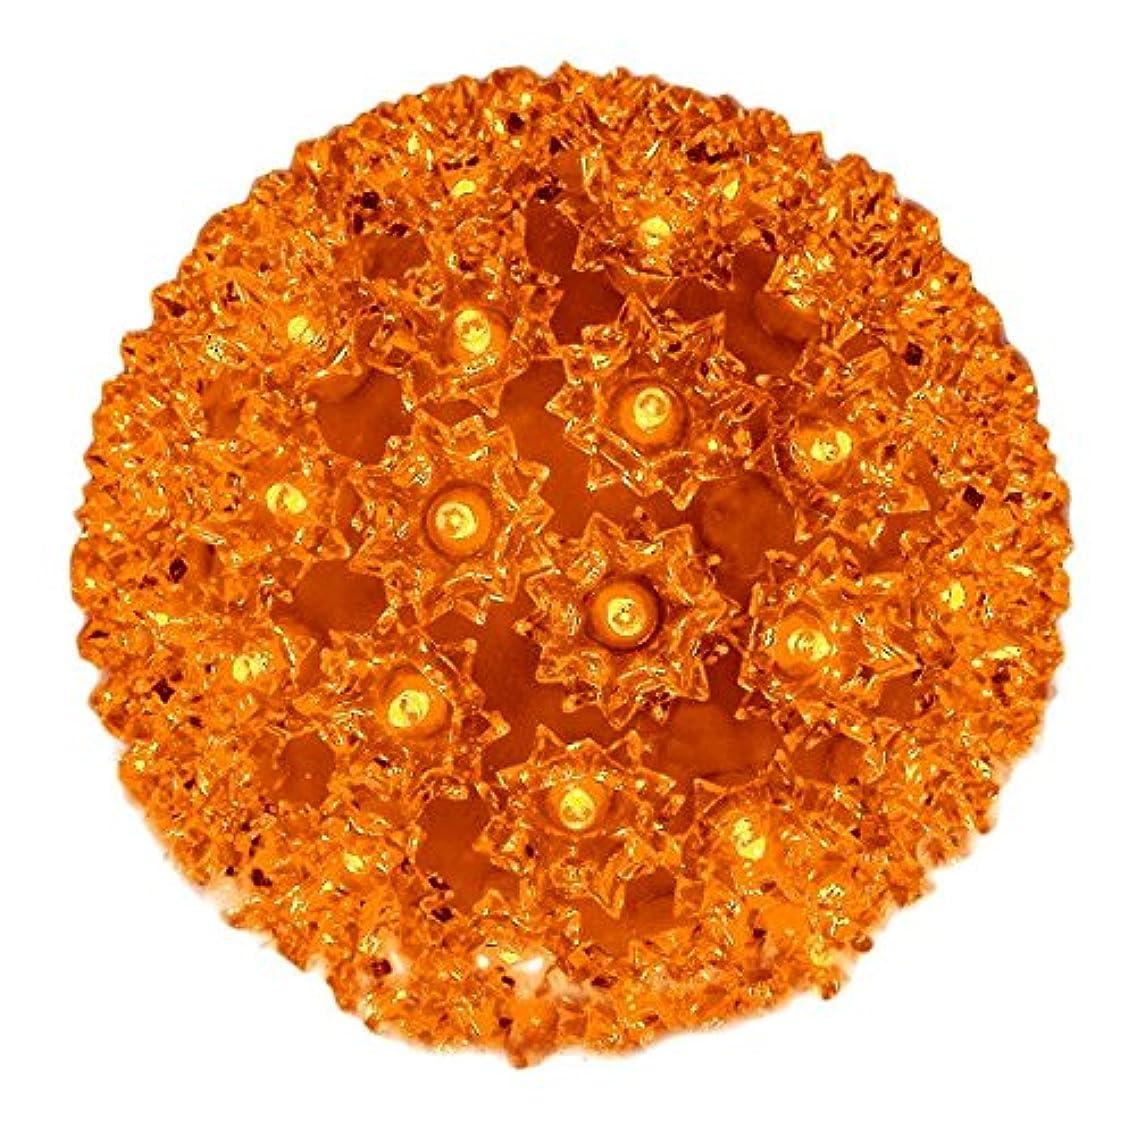 Novelty Lights 100 Light Outdoor Christmas LED Starlight Sphere, Orange, 7.5